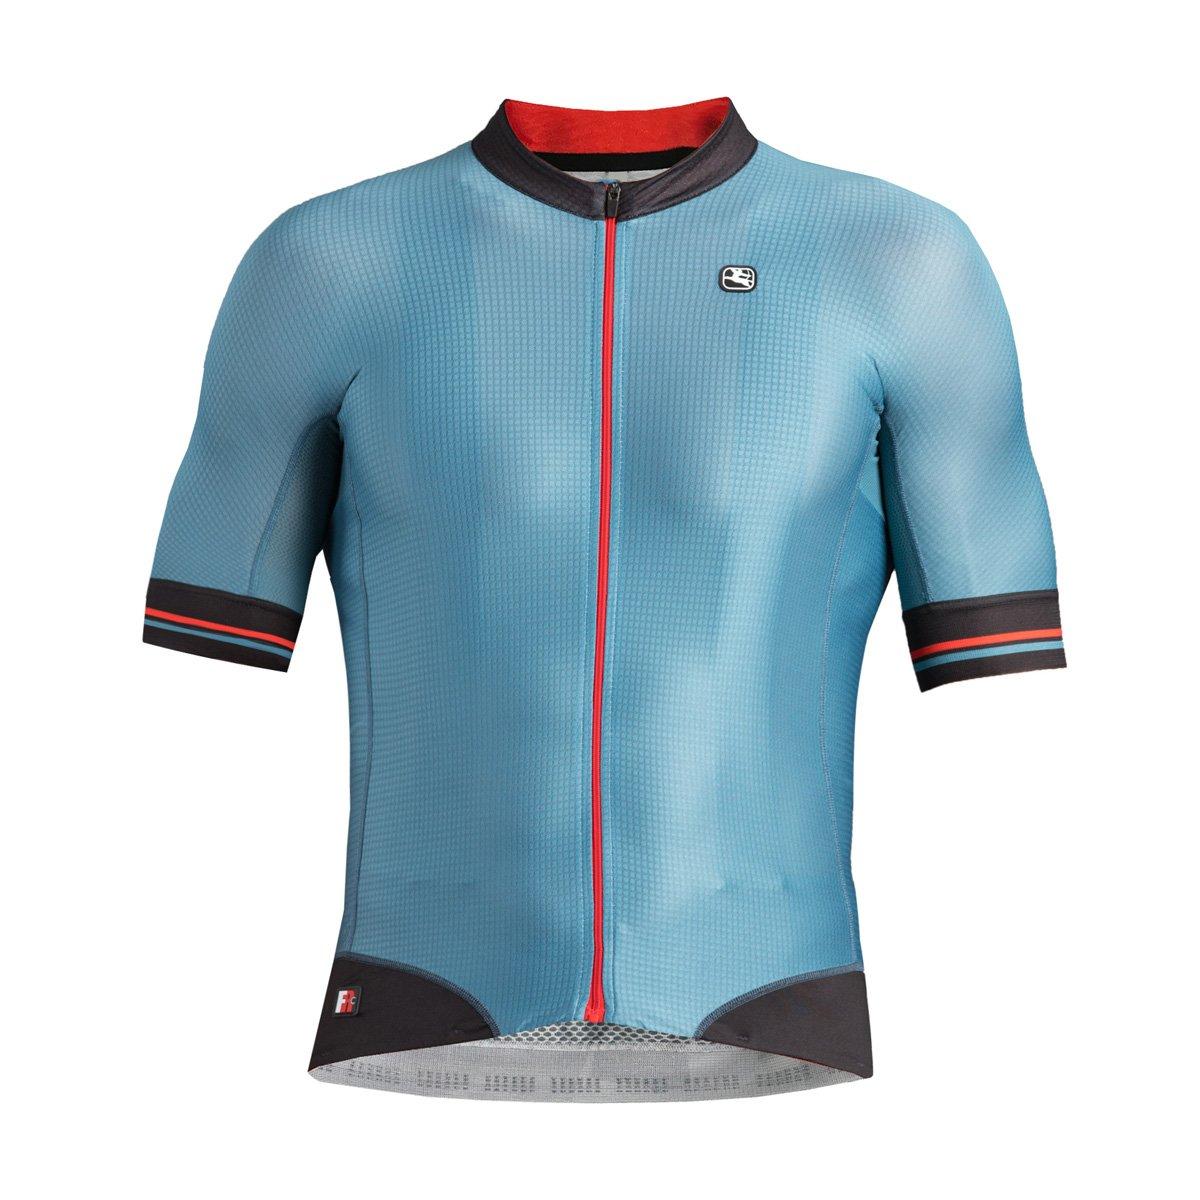 Giordana fr-c Pro半袖Jersey – Men 's B077GW62Z7 Large|ブルー/ブラック ブルー/ブラック Large